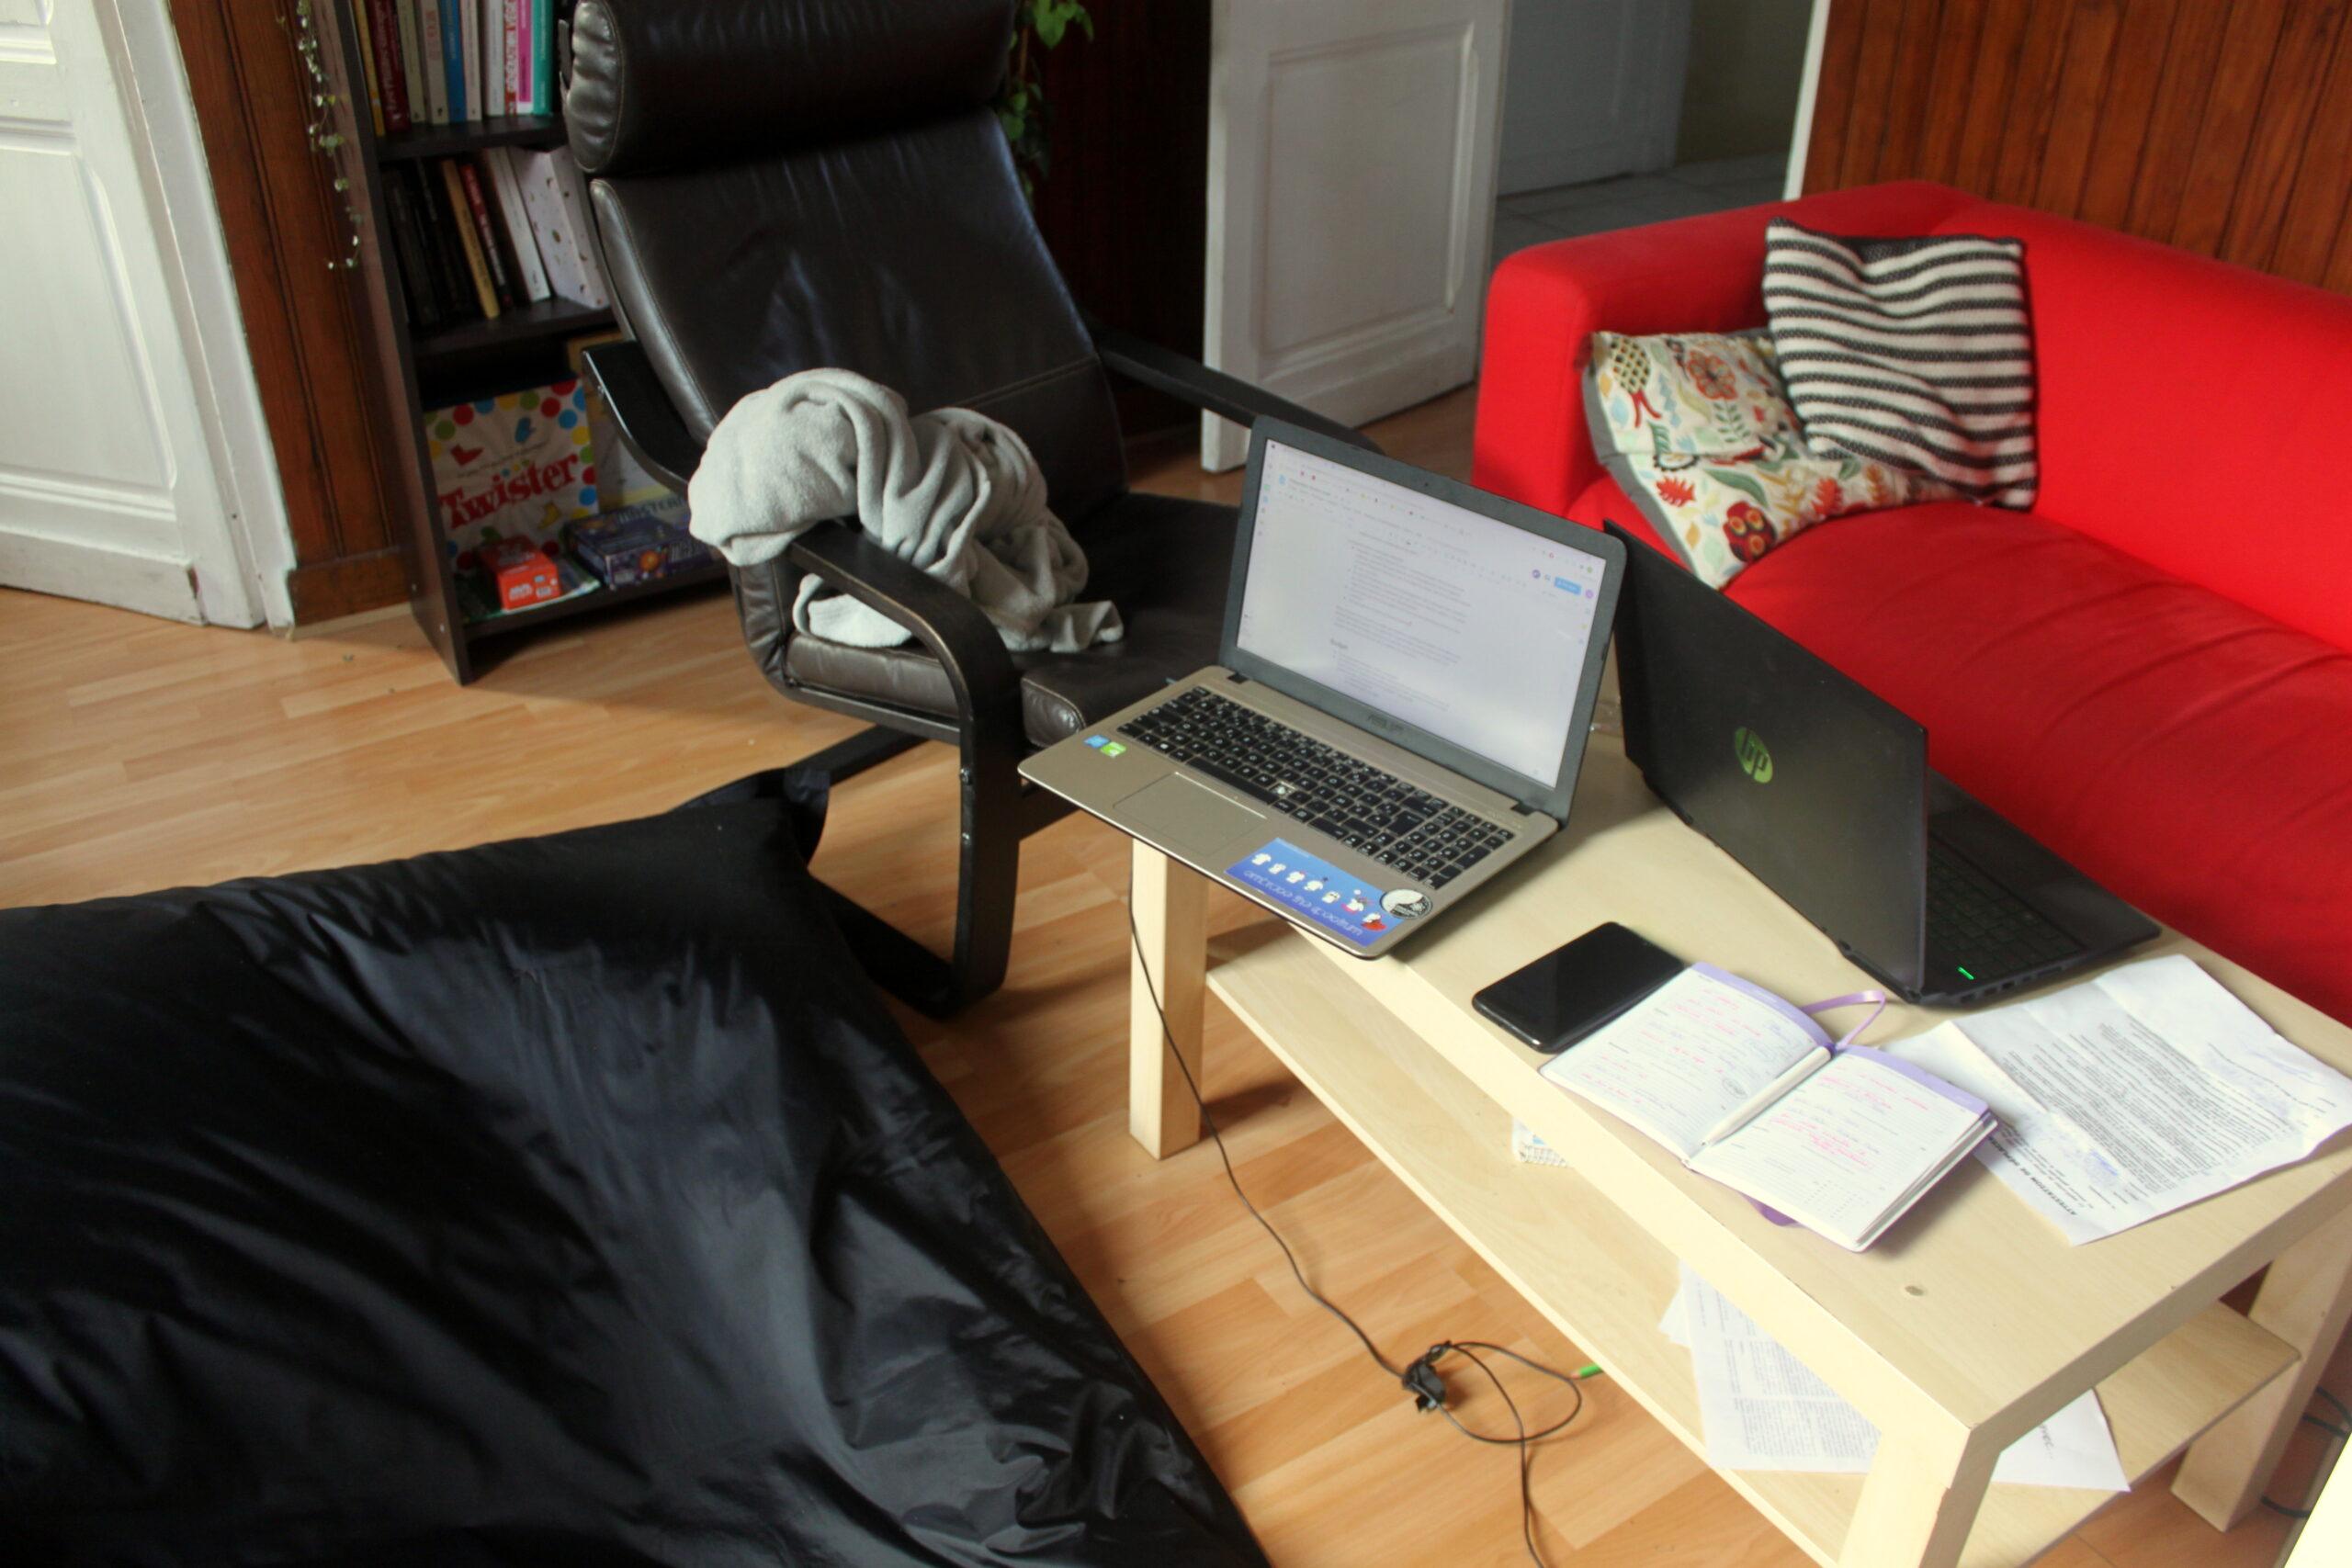 Le salon est devenu le bureau pour la journée. Sur la table basse il y a deux ordinateurs et un cahier.